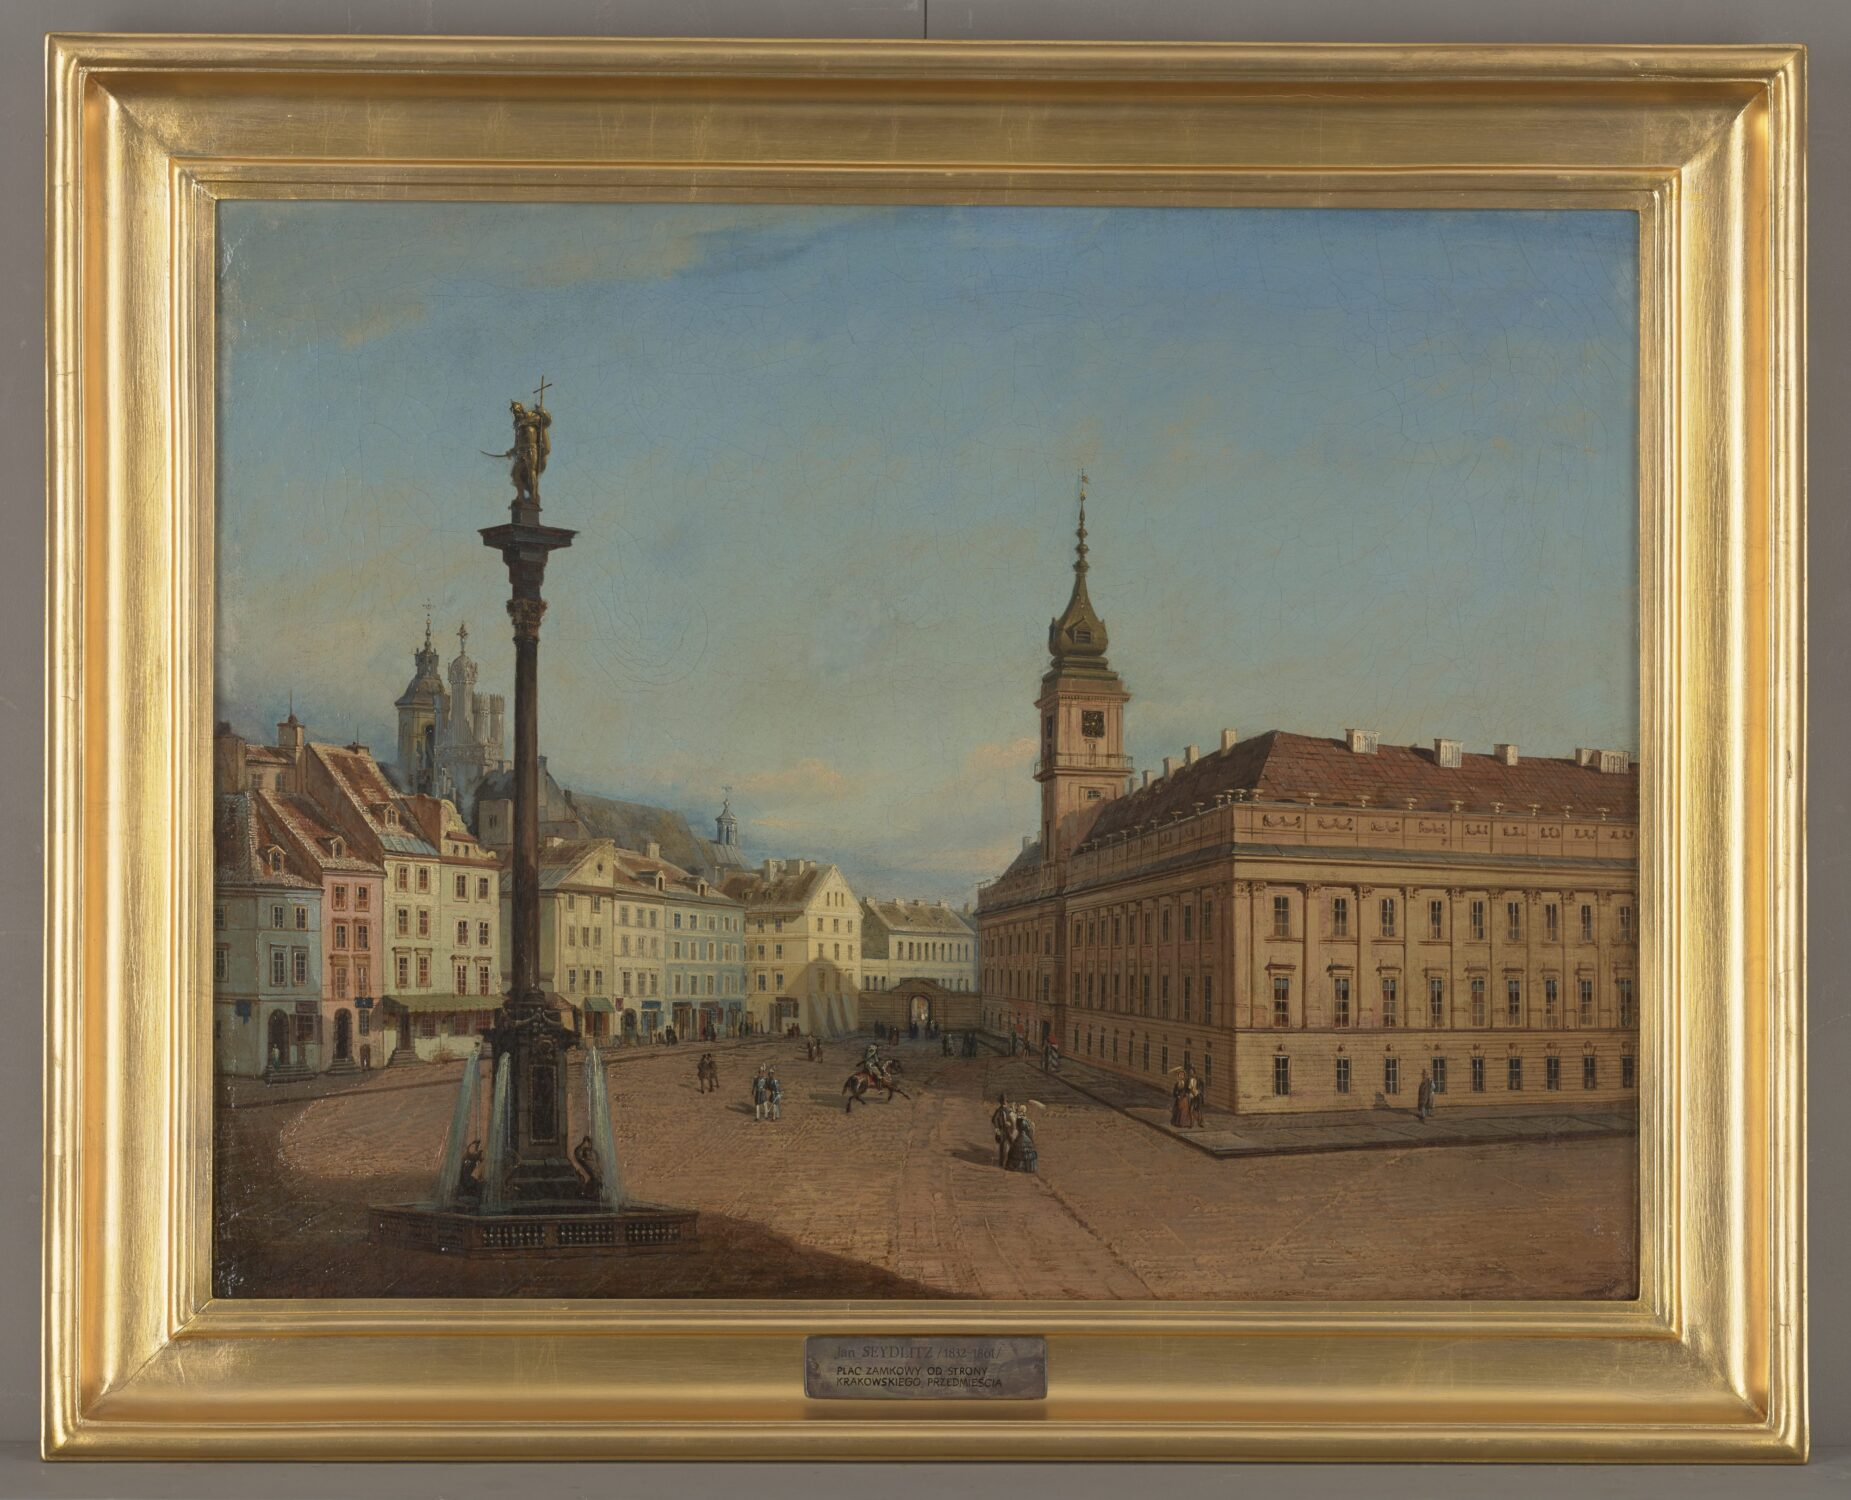 Obraz widok naPlac Zamkowy ikolumnę Zygmunta